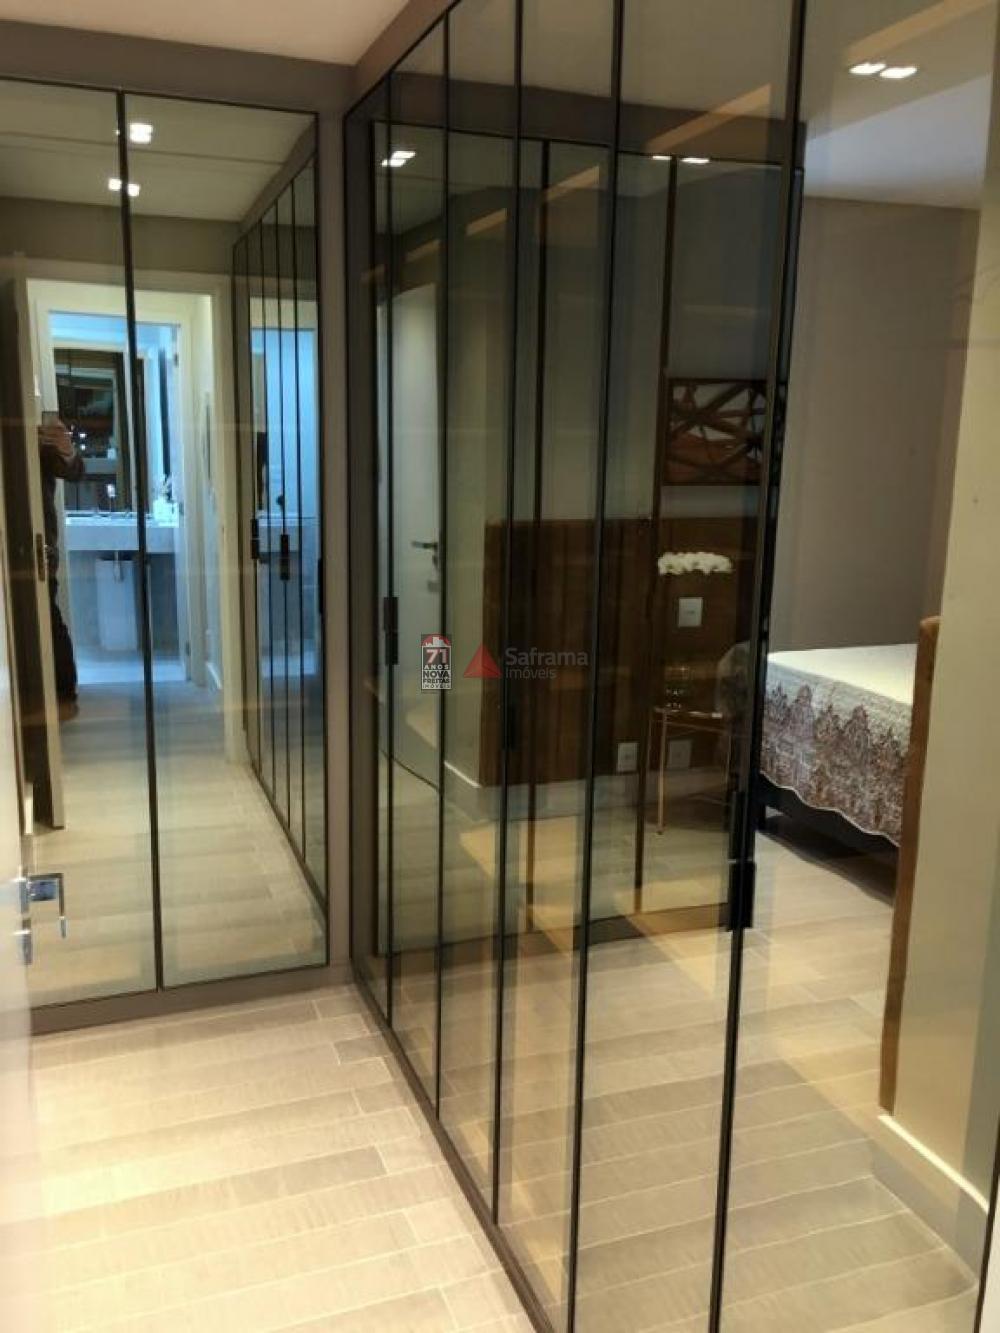 Comprar Apartamento / Padrão em São José dos Campos R$ 654.470,91 - Foto 18